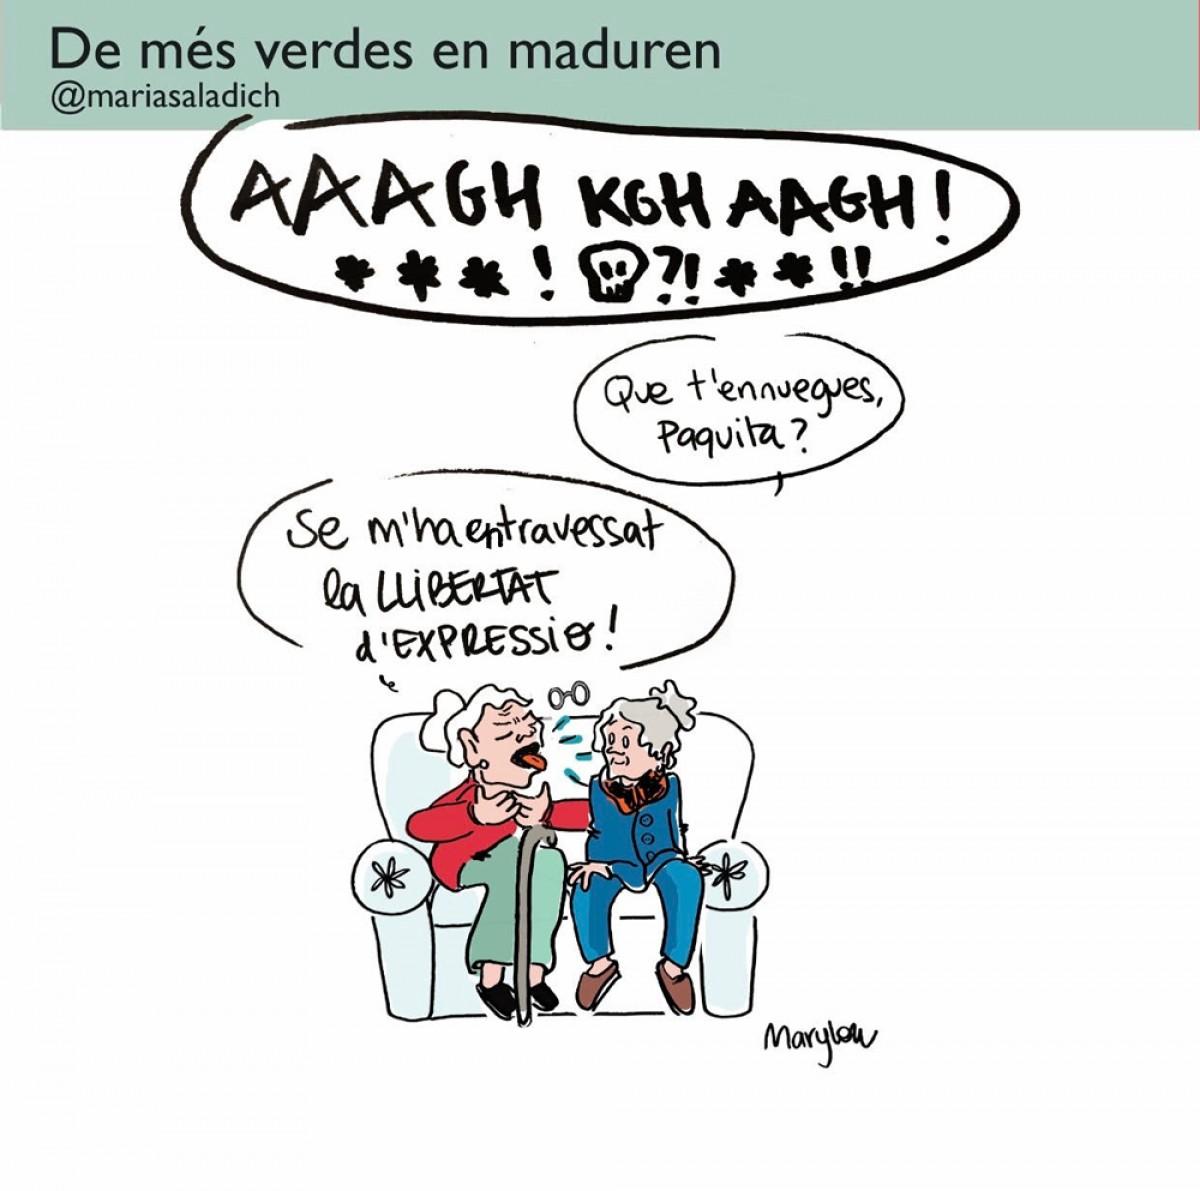 Les iaies de la il·lustradora Maria Saladich tampoc se'n saben avenir de que el raper Pablo Hasel hagi estat empresonat